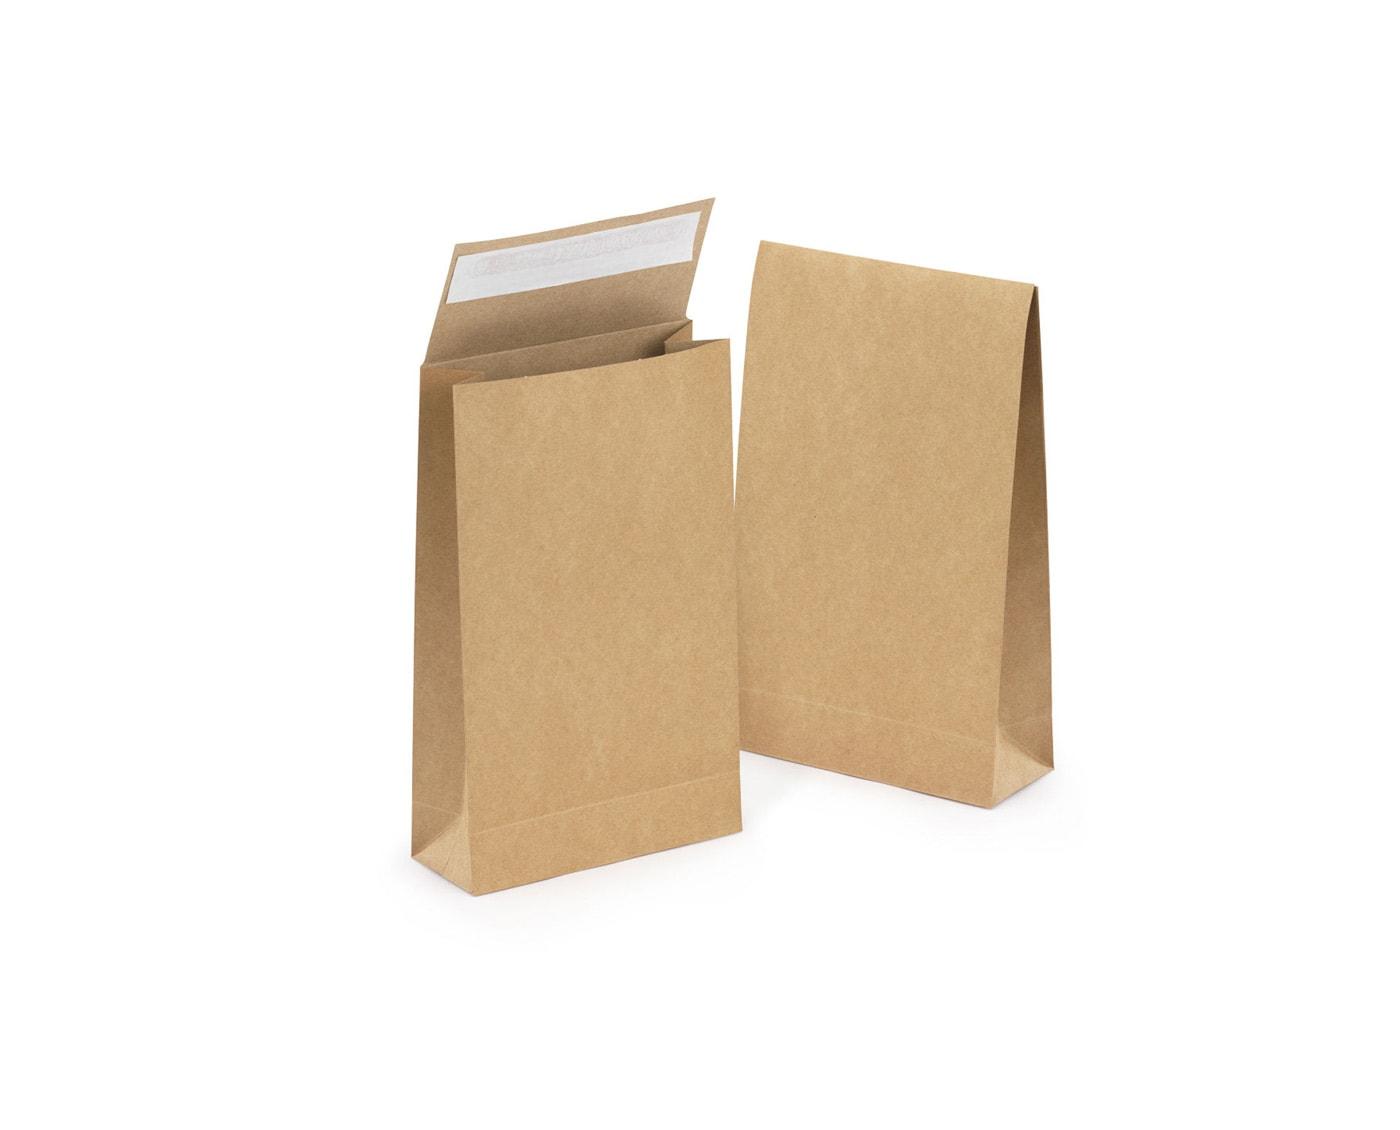 Torba papierowa płaska z samoprzylepnym zamknięciem